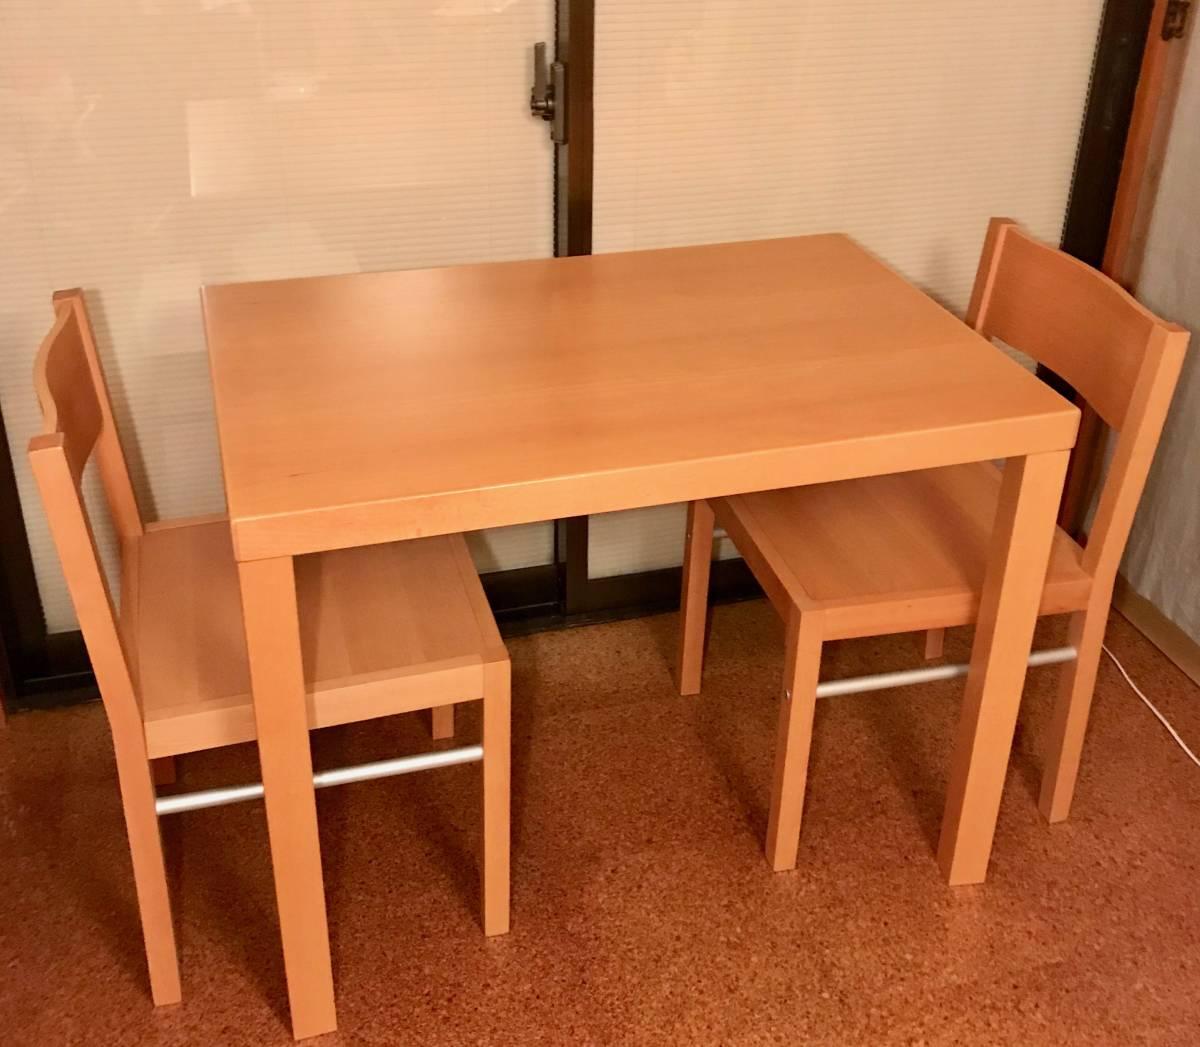 良品【MUJI 無印良品 ダイニングテーブル & チェア2脚セット】■テーブル:W80cm×D60cm